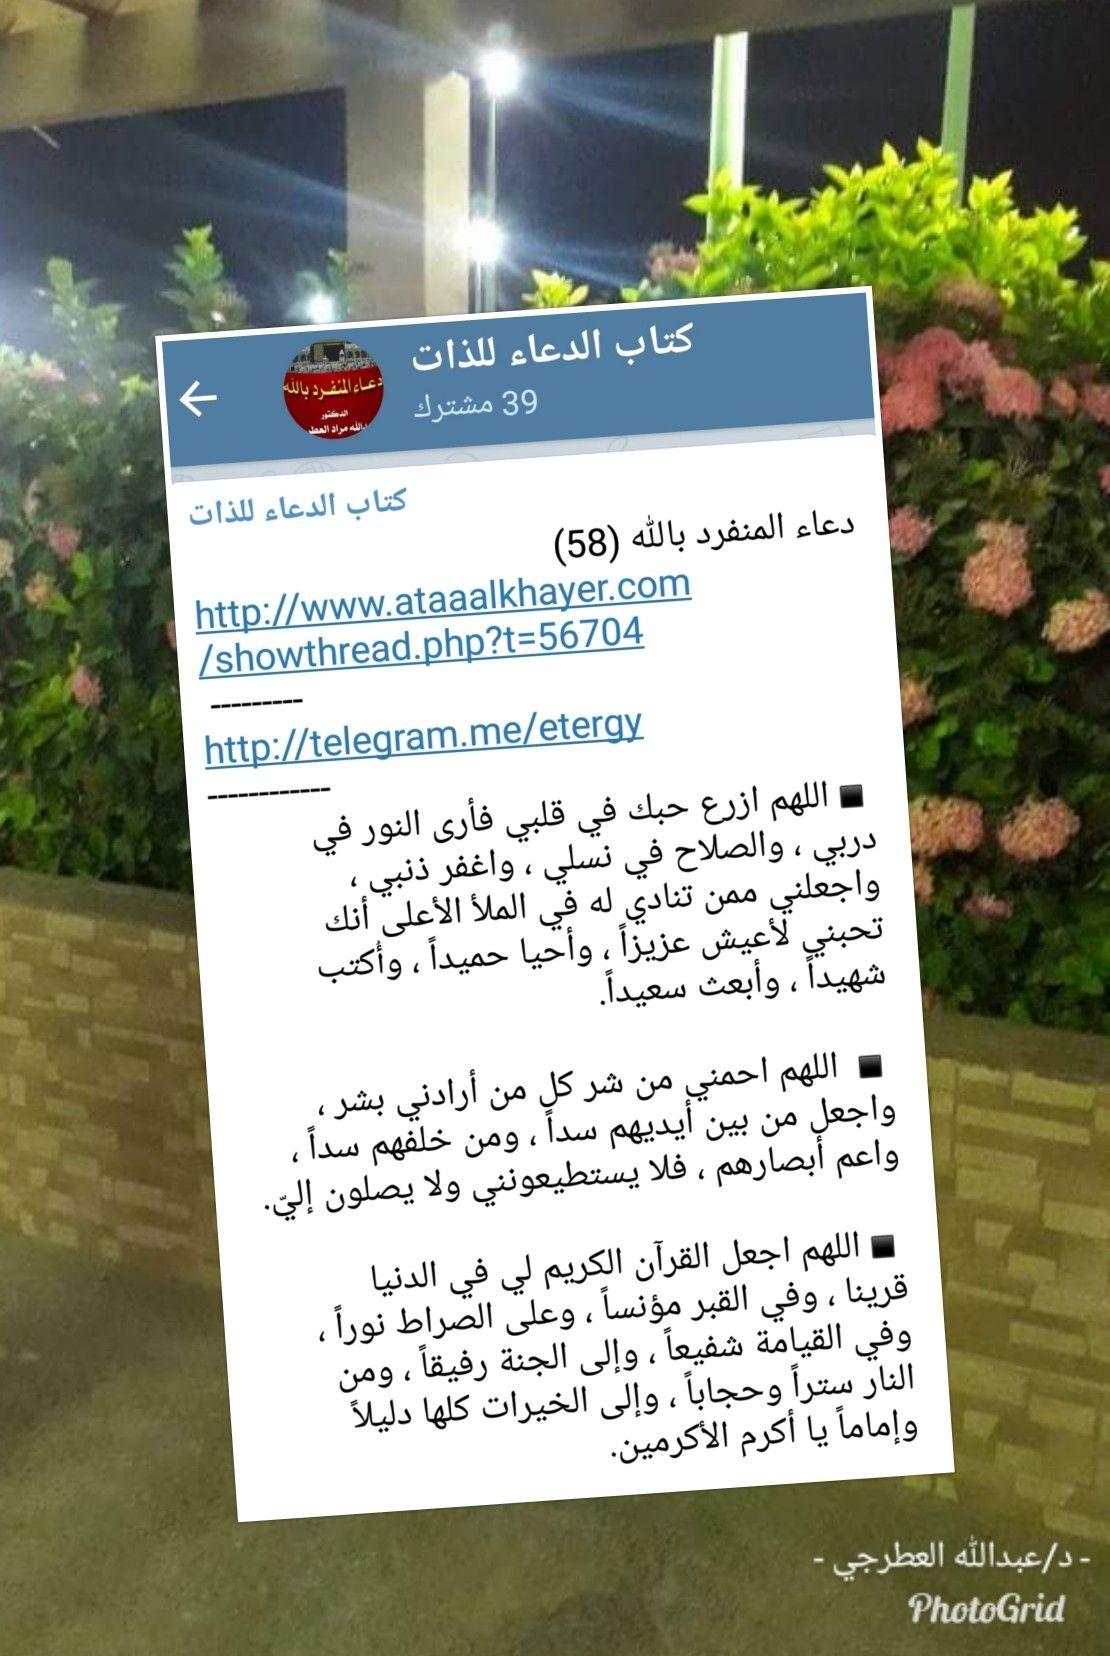 دعاء المنفرد بالله 58 Http Www Ataaalkhayer Com Showthread Php T 56704 Http Telegram Me Etergy اللهم ازرع حبك في Cle Slg Travel